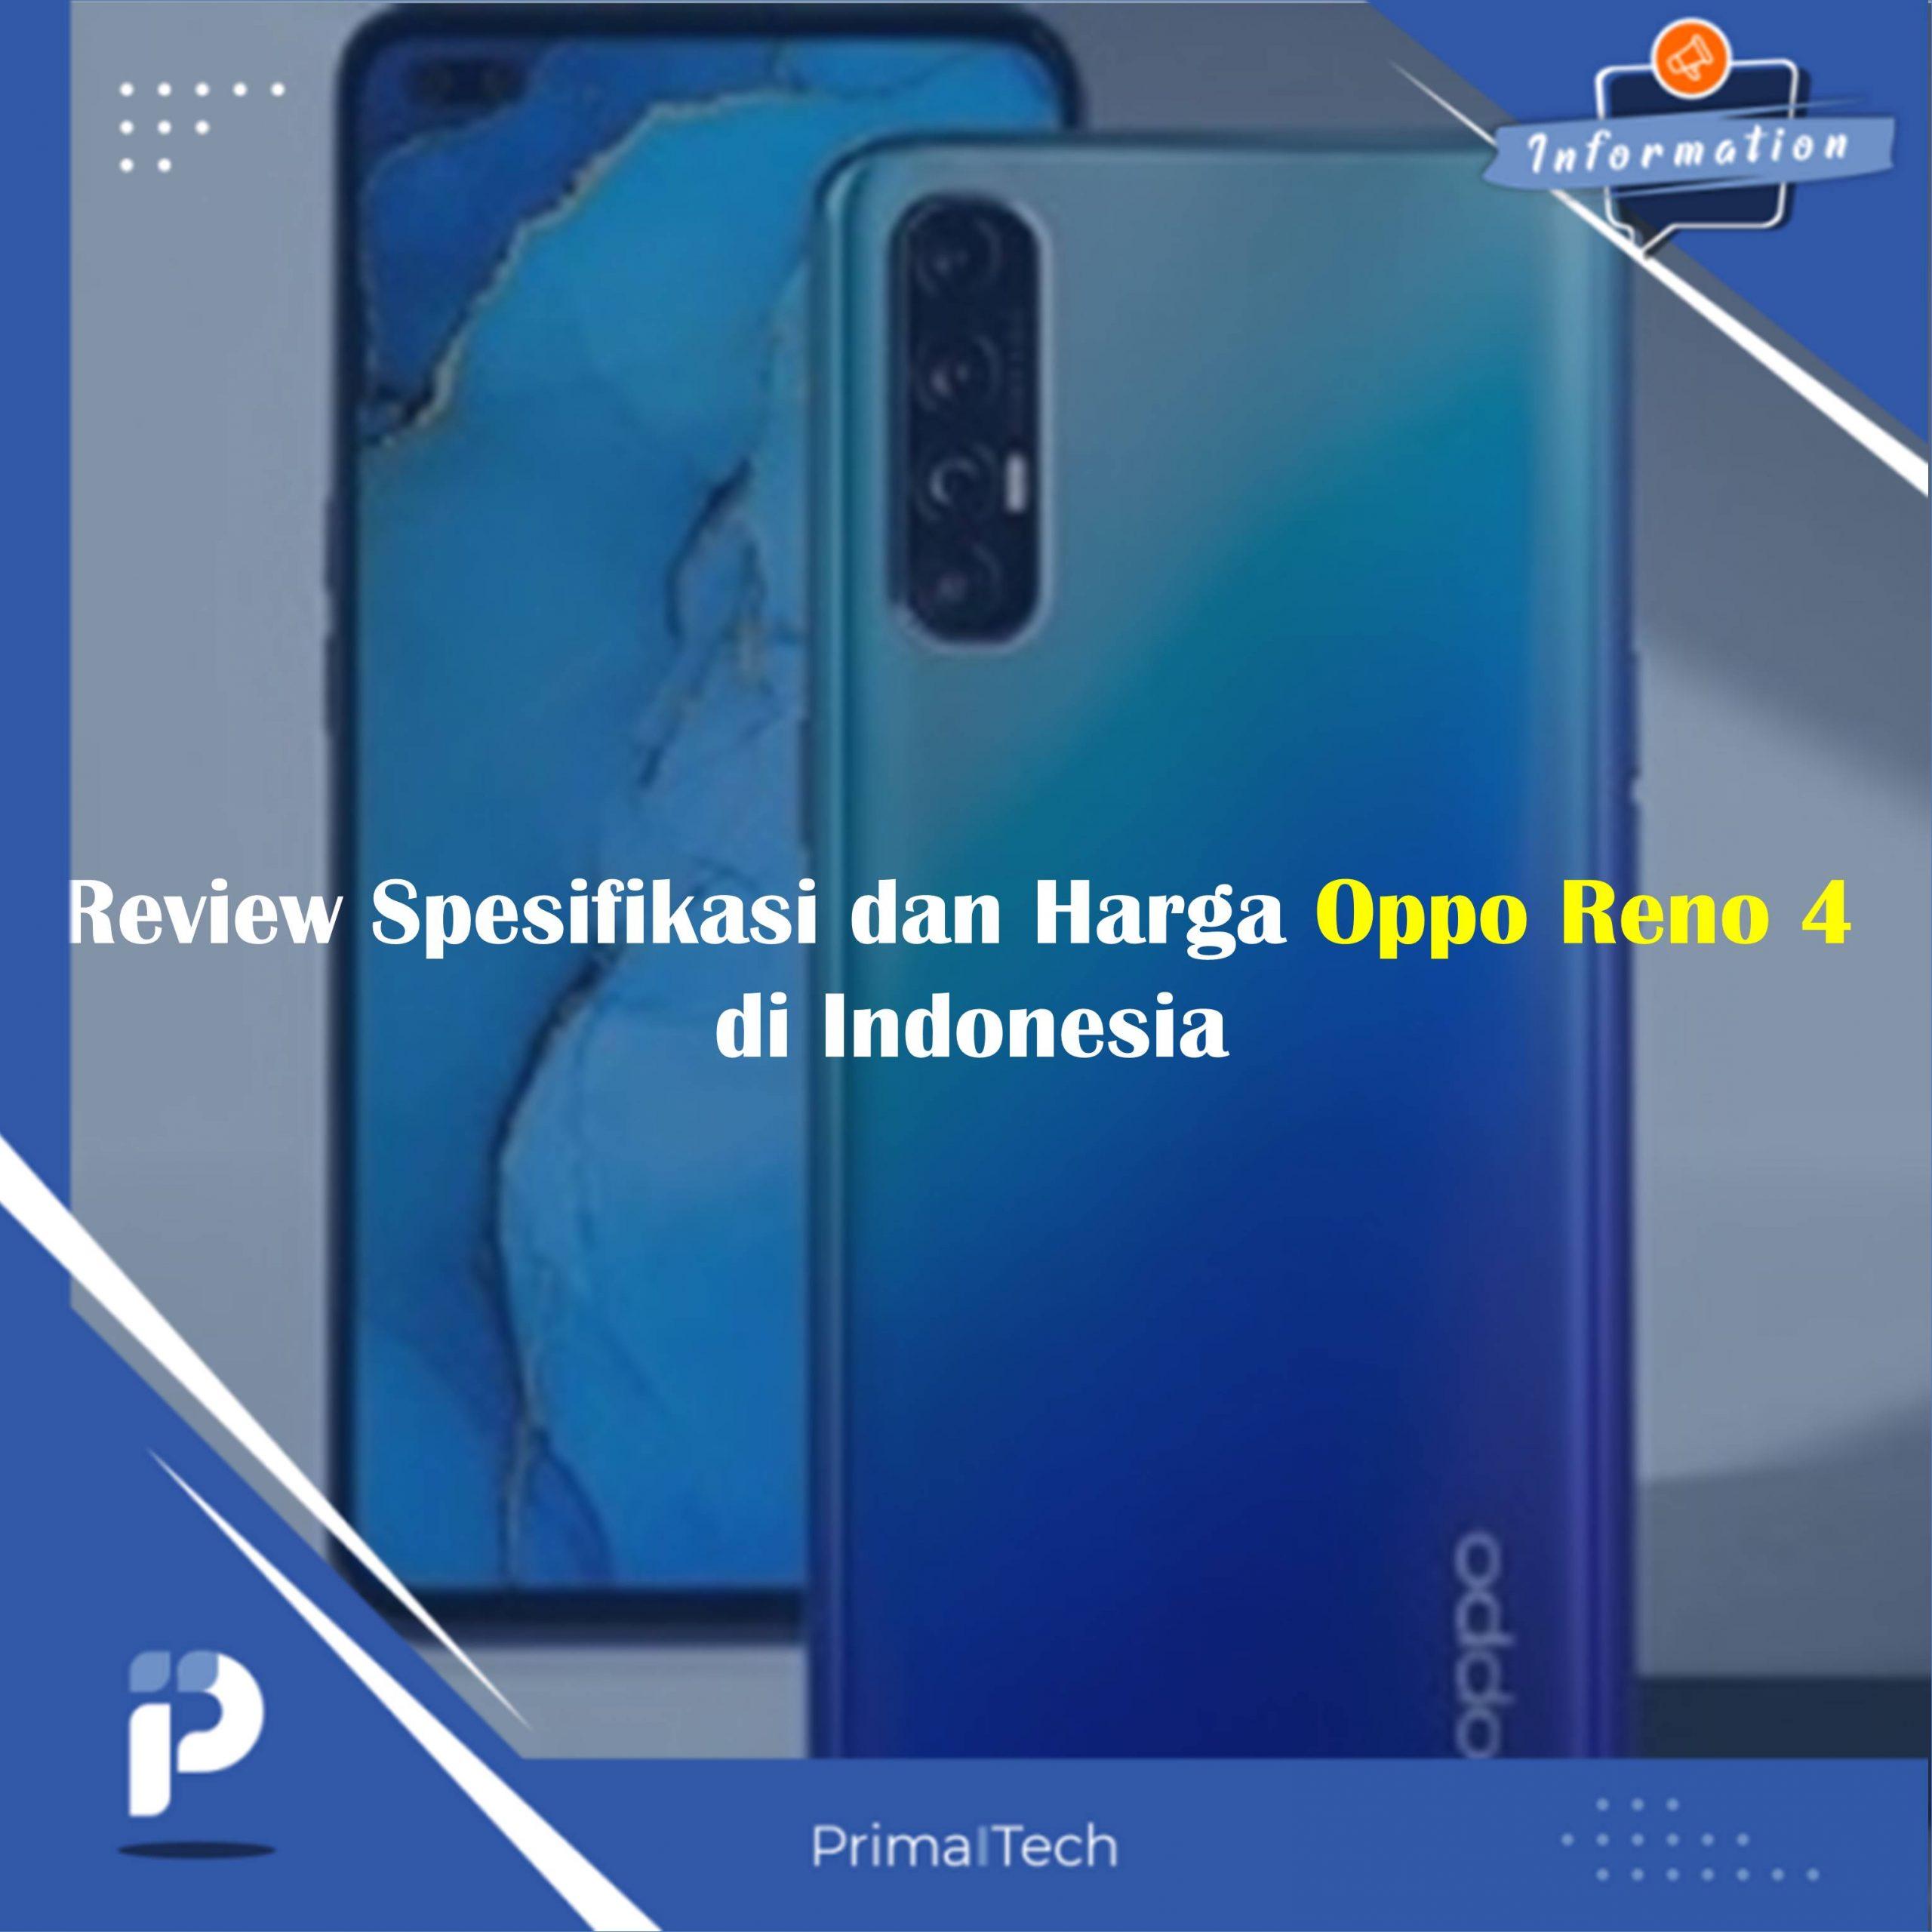 Review Spesifikasi dan Harga Oppo Reno 4 di Indonesia